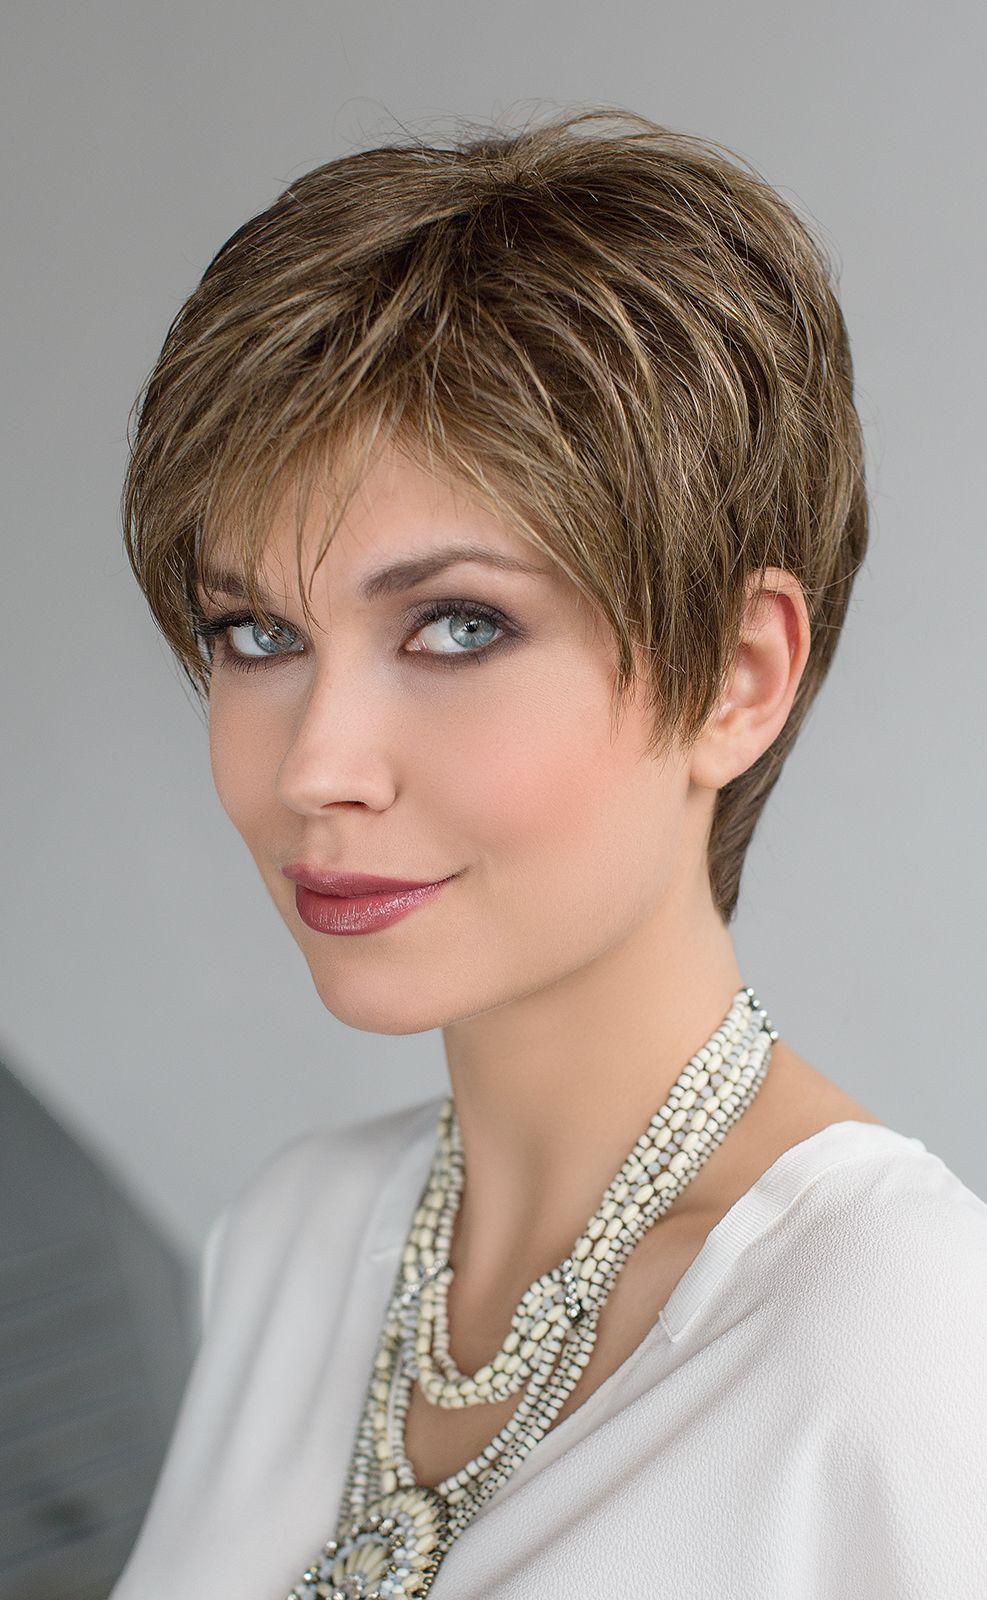 Épinglé sur Modèles Femmes cheveux courts / Women short